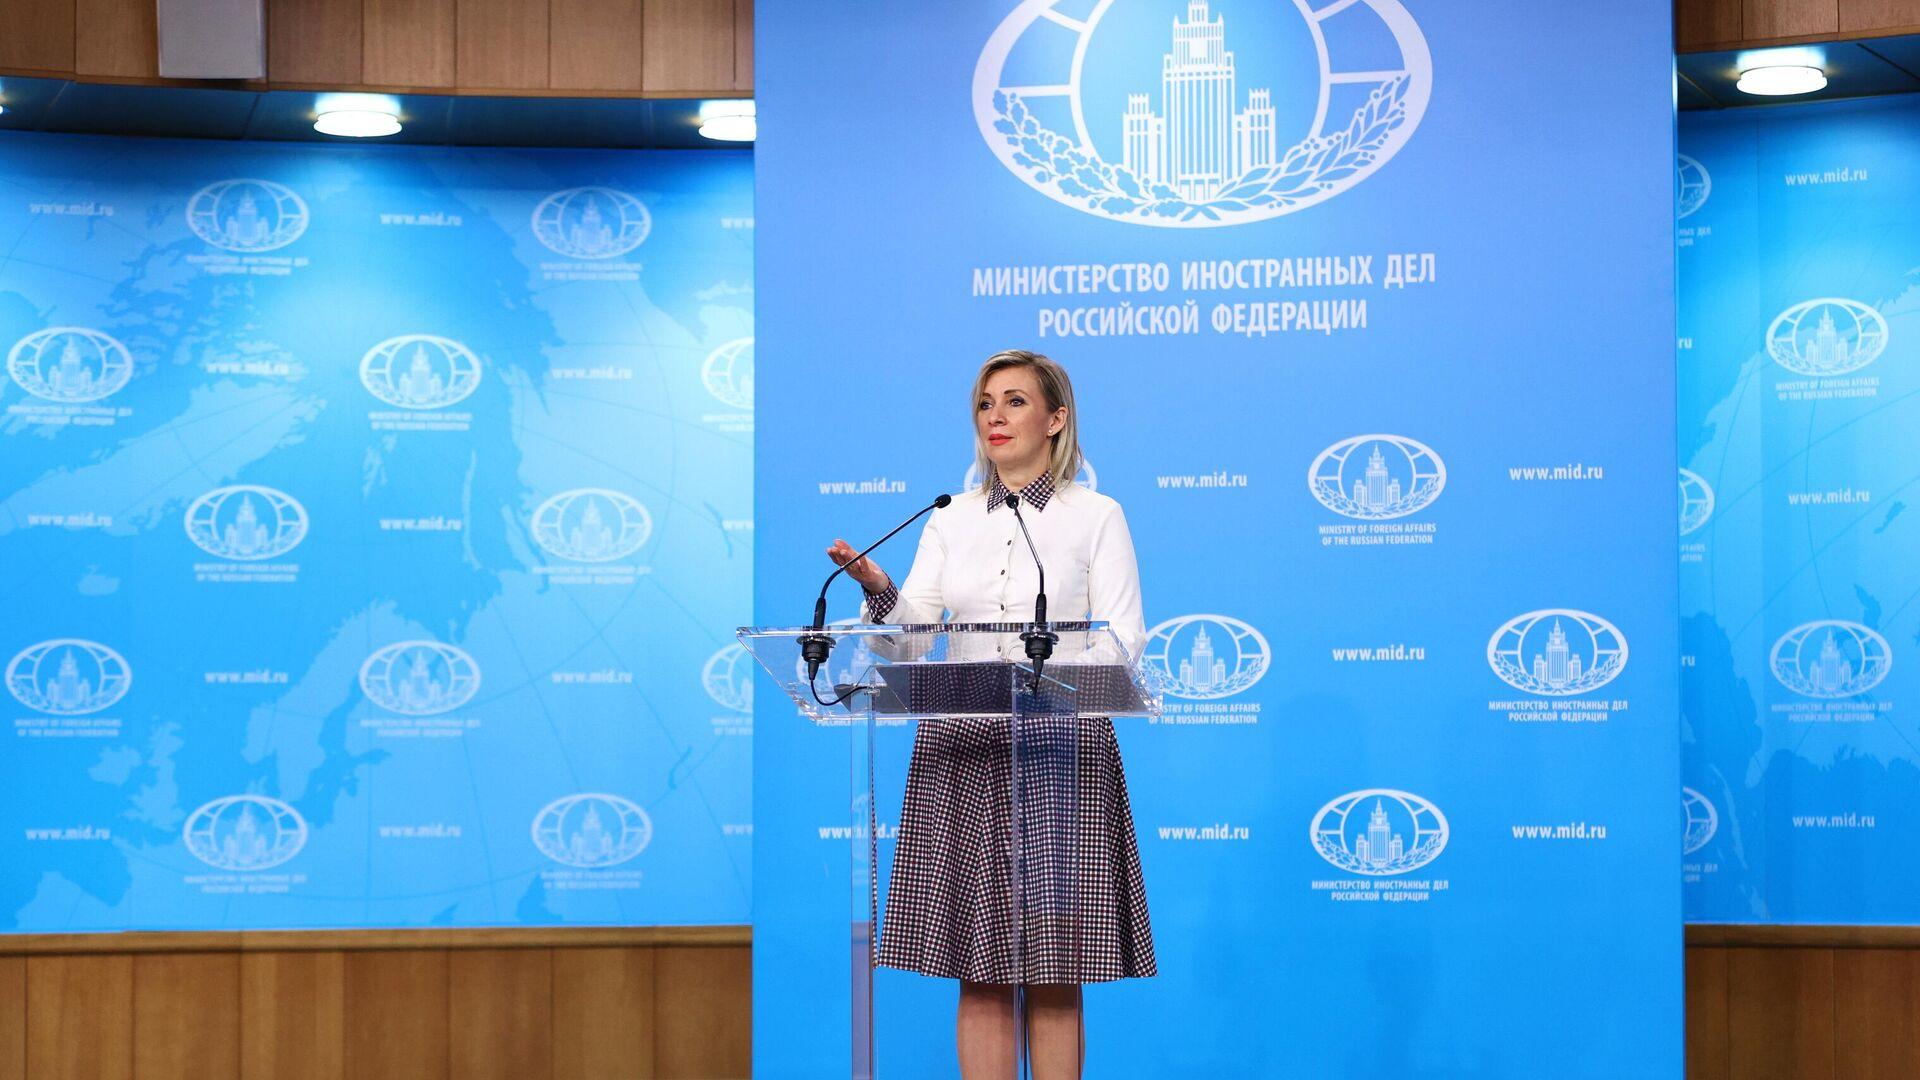 Официальный представитель Министерства иностранных дел России Мария Захарова во время брифинга - РИА Новости, 1920, 18.02.2021